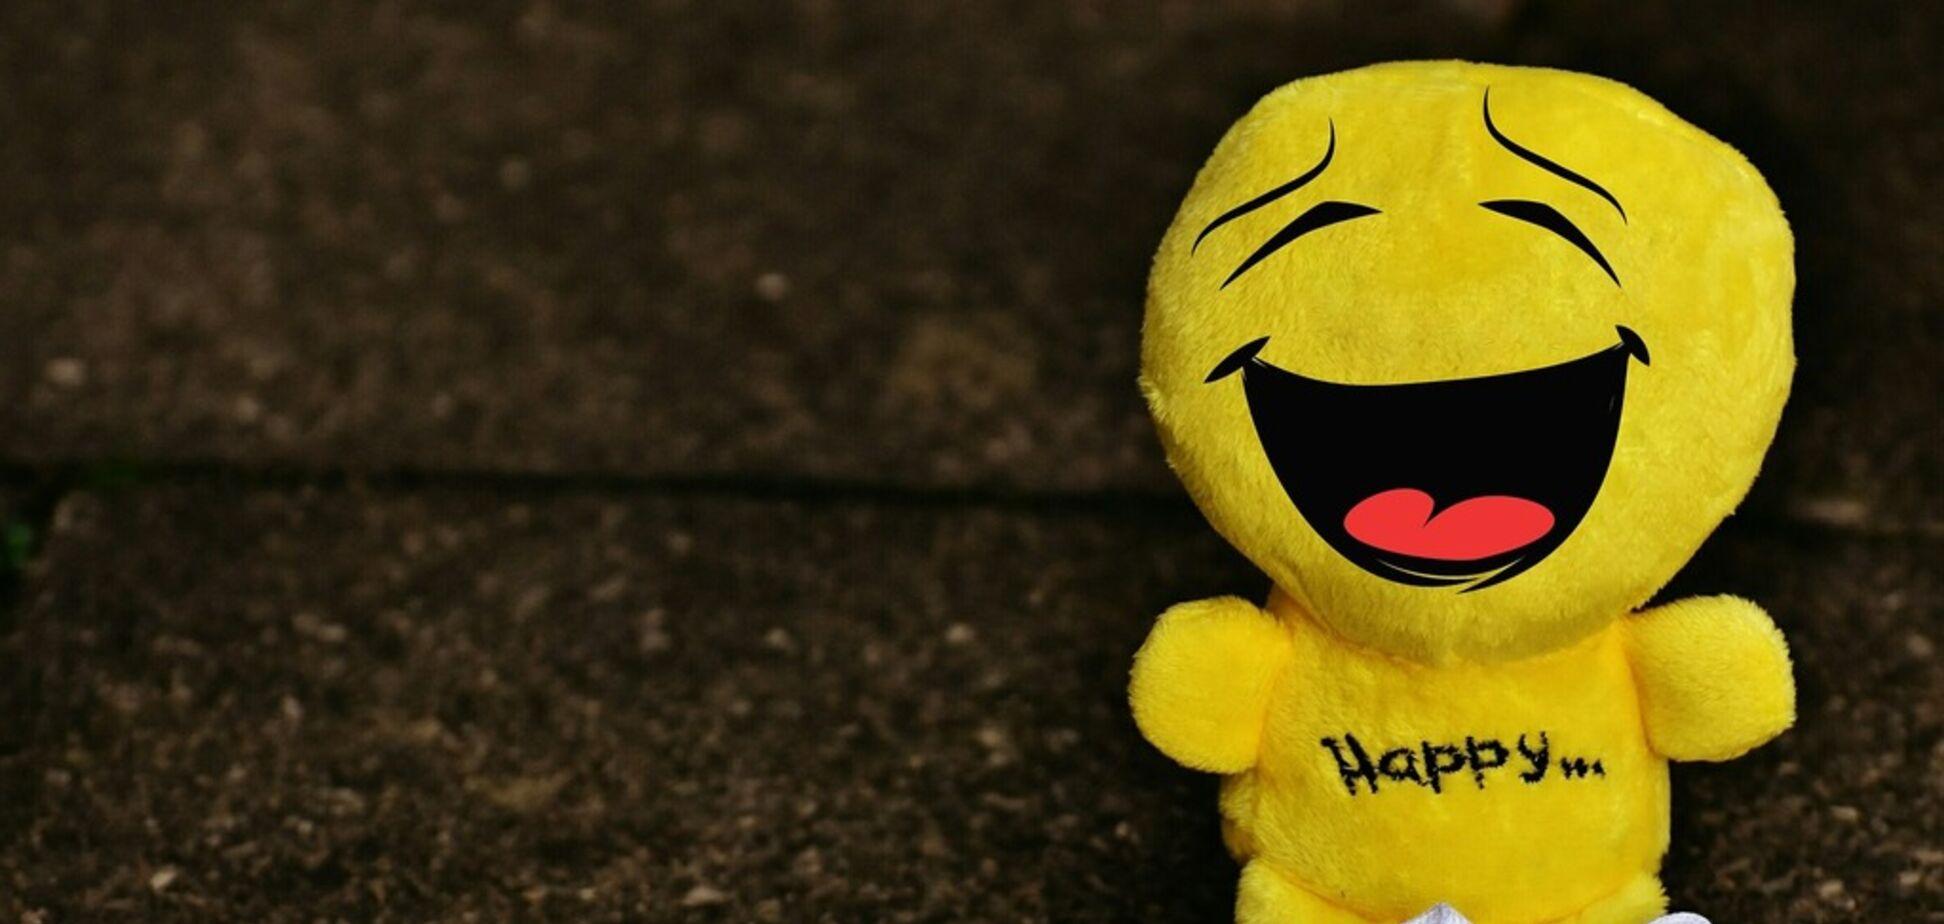 День сміху-2019: як привітати з найвеселішим святом року